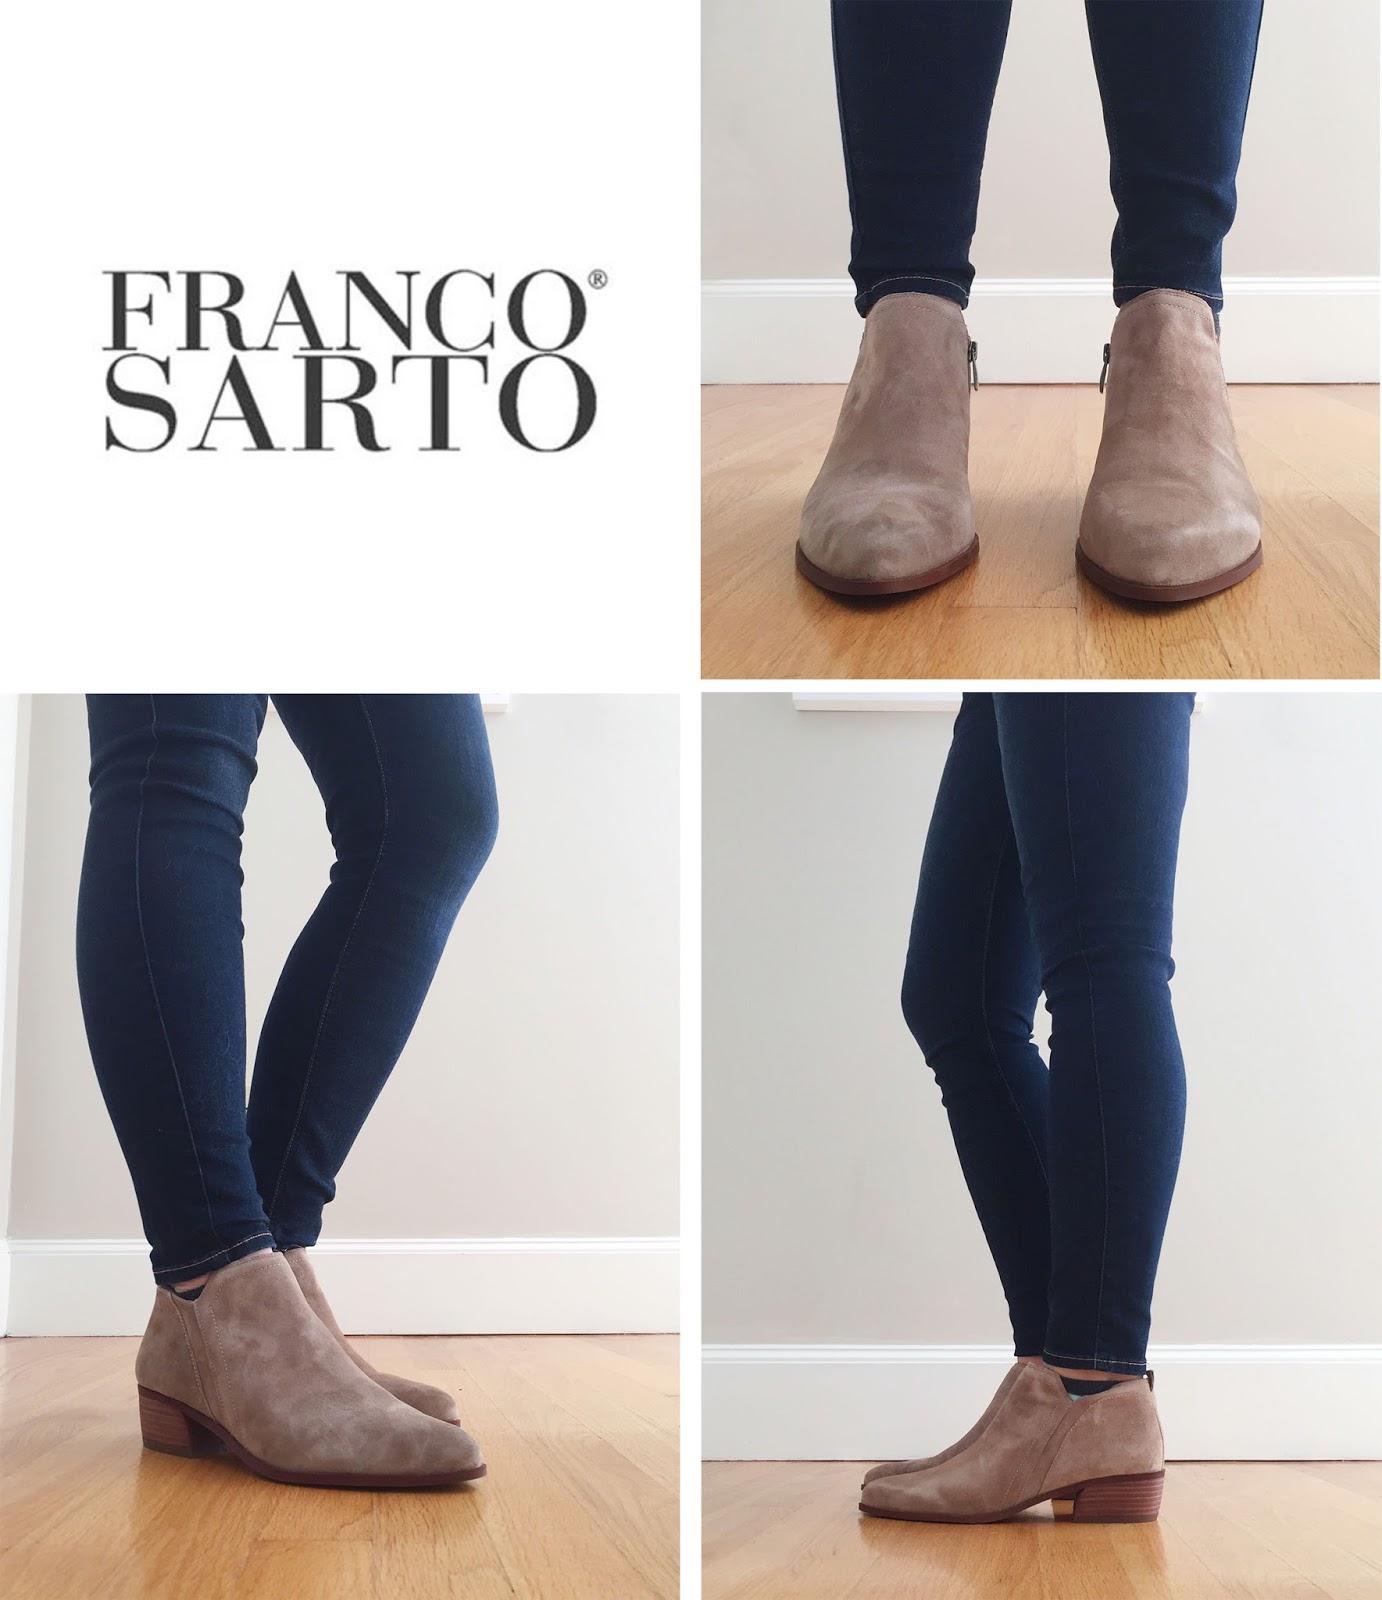 Sarto by Franco Sarto Paivley Bootie